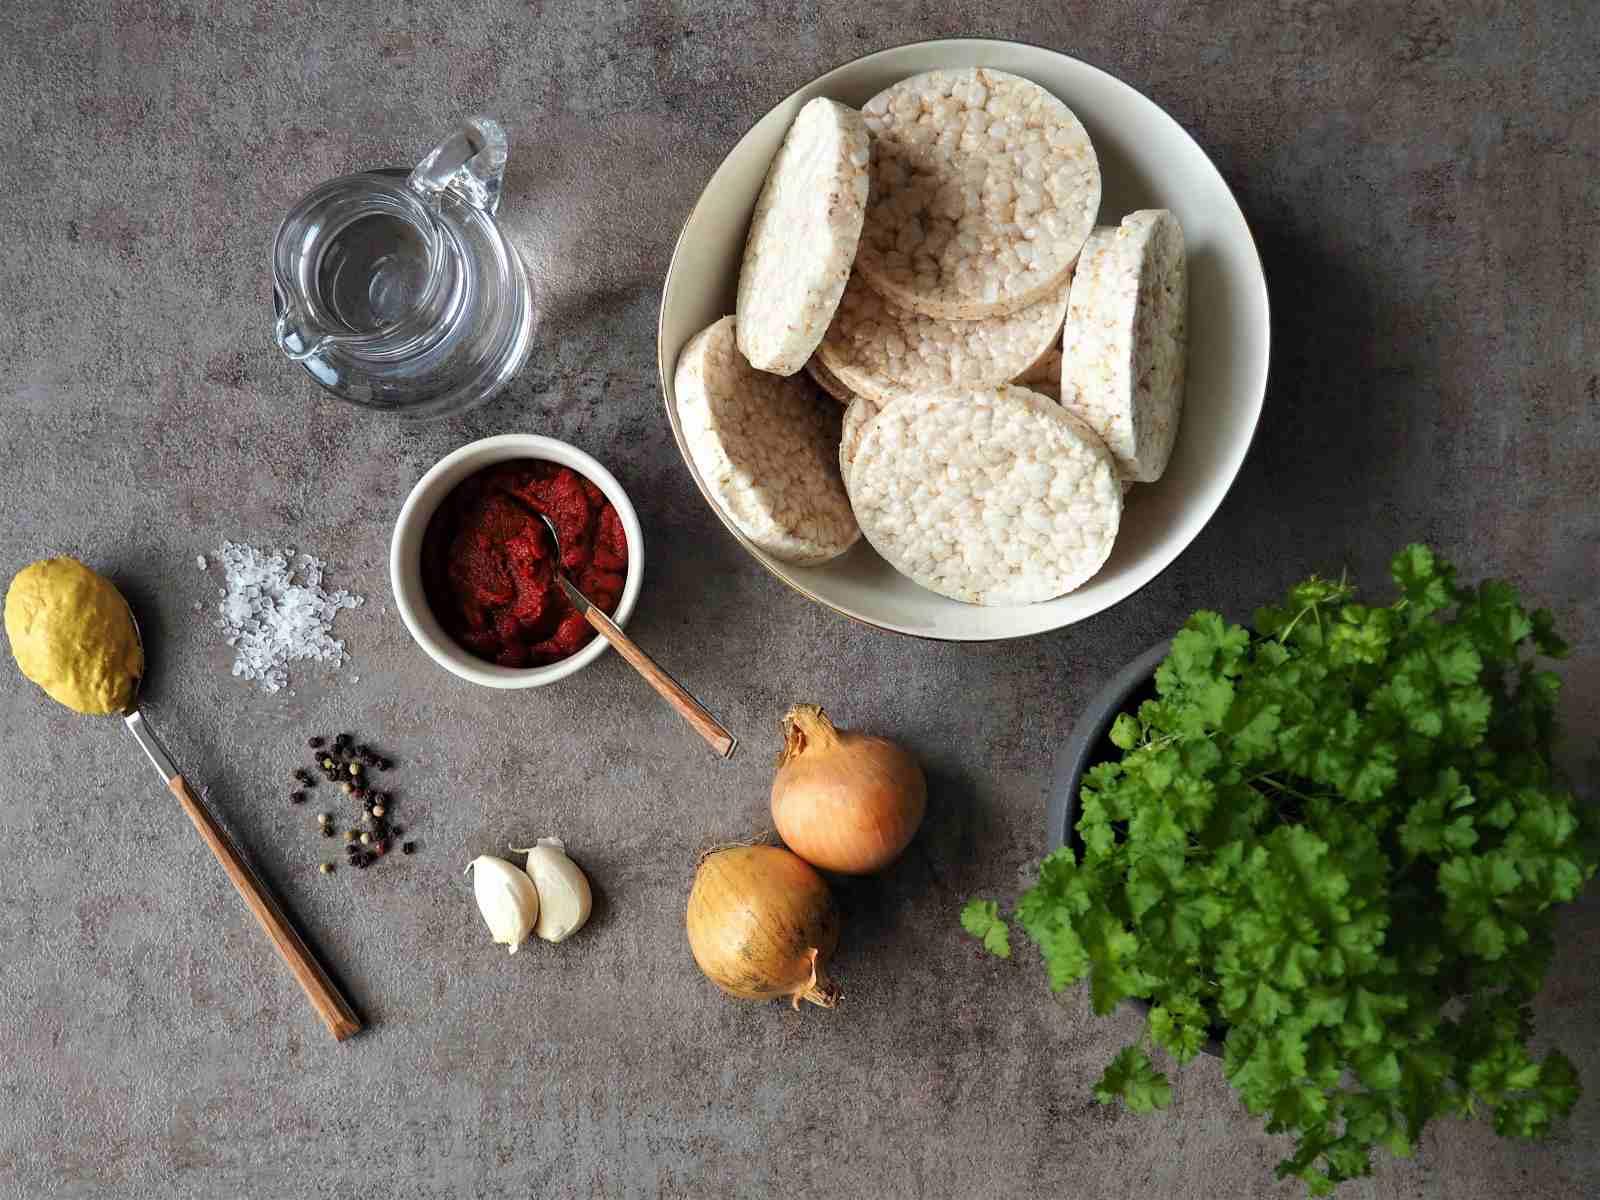 Alle Zutaten für den veganen Brotaufstrich nach Mett-Art